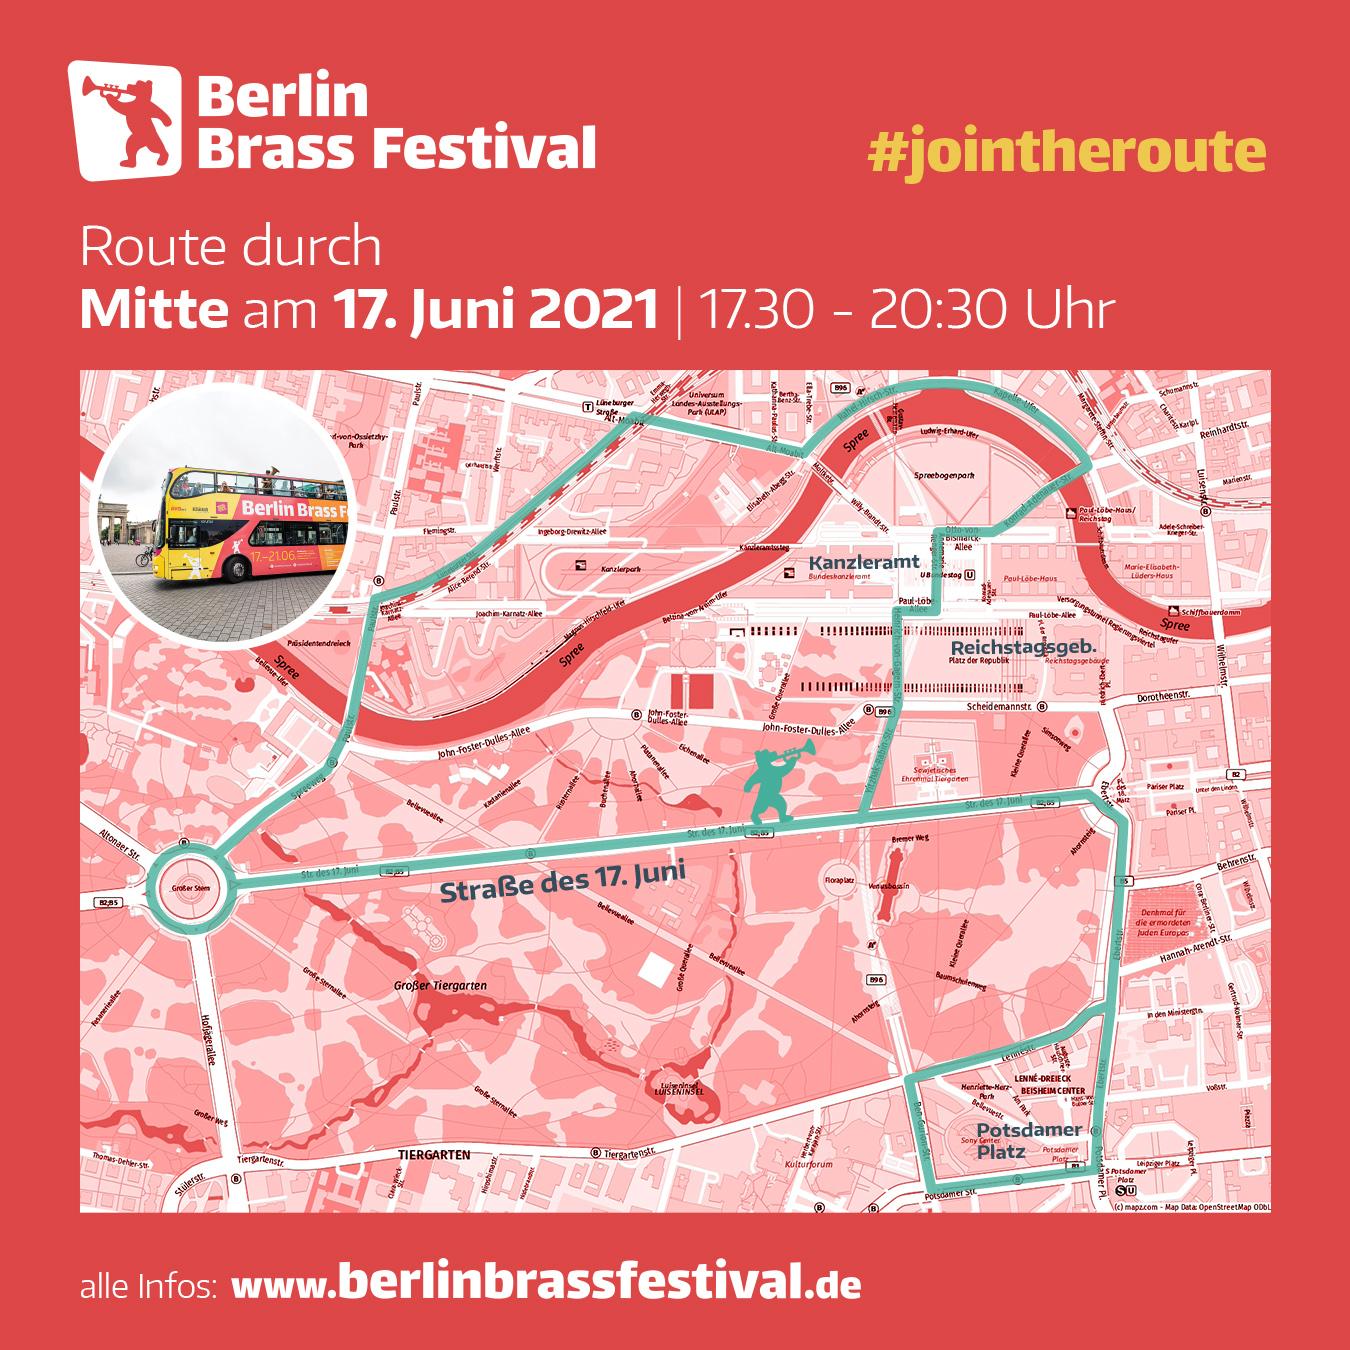 Berlin Brass Festival 2021 Route Mitte